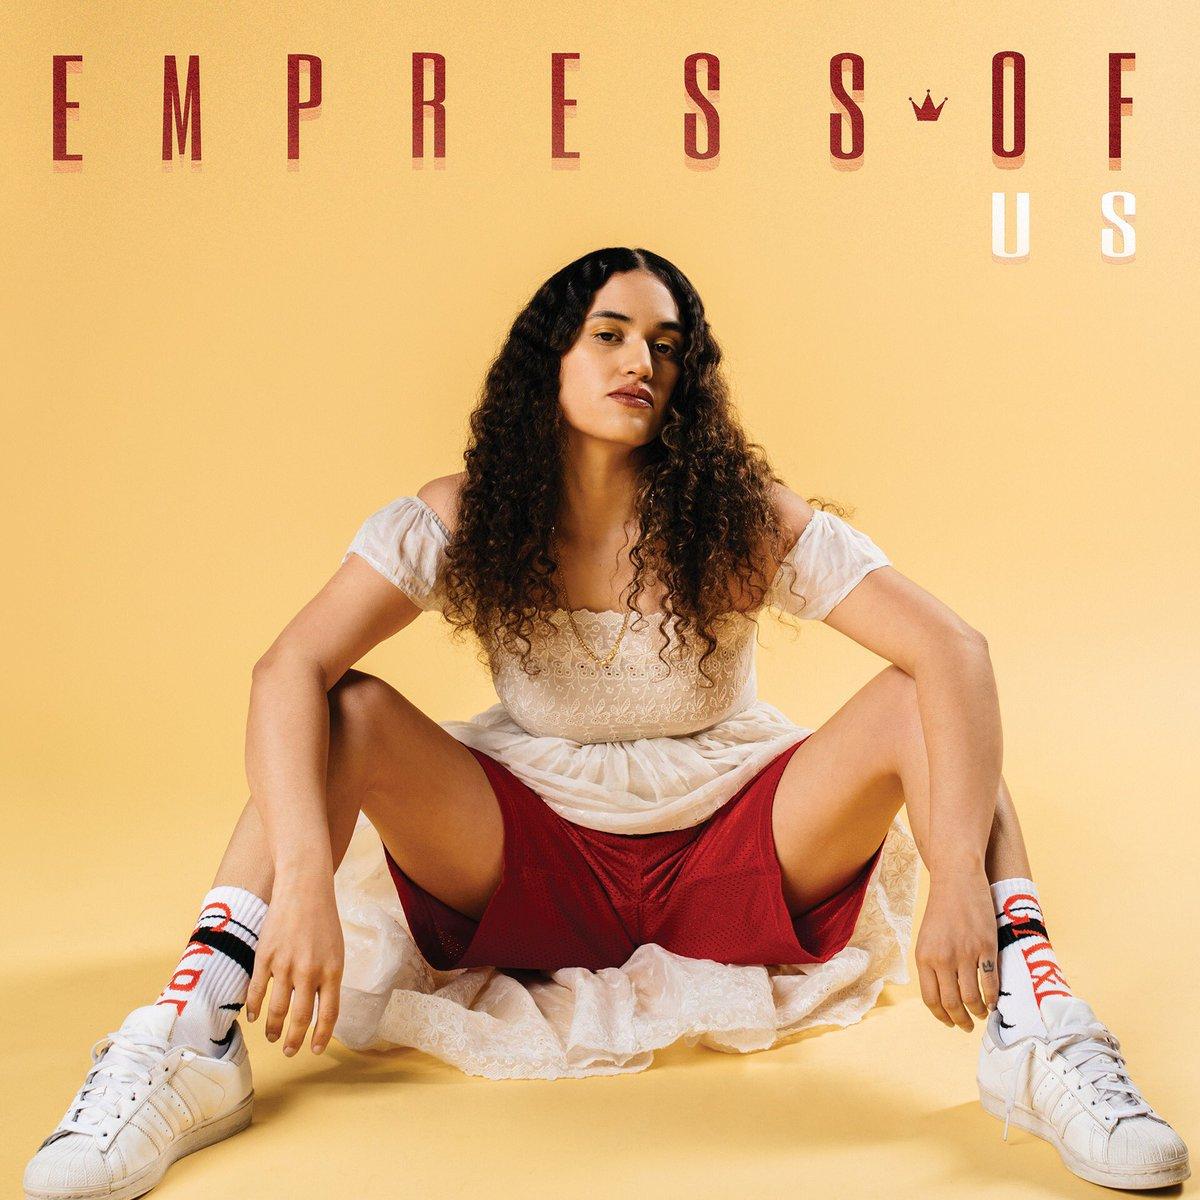 empress of us album cover artwork 2018